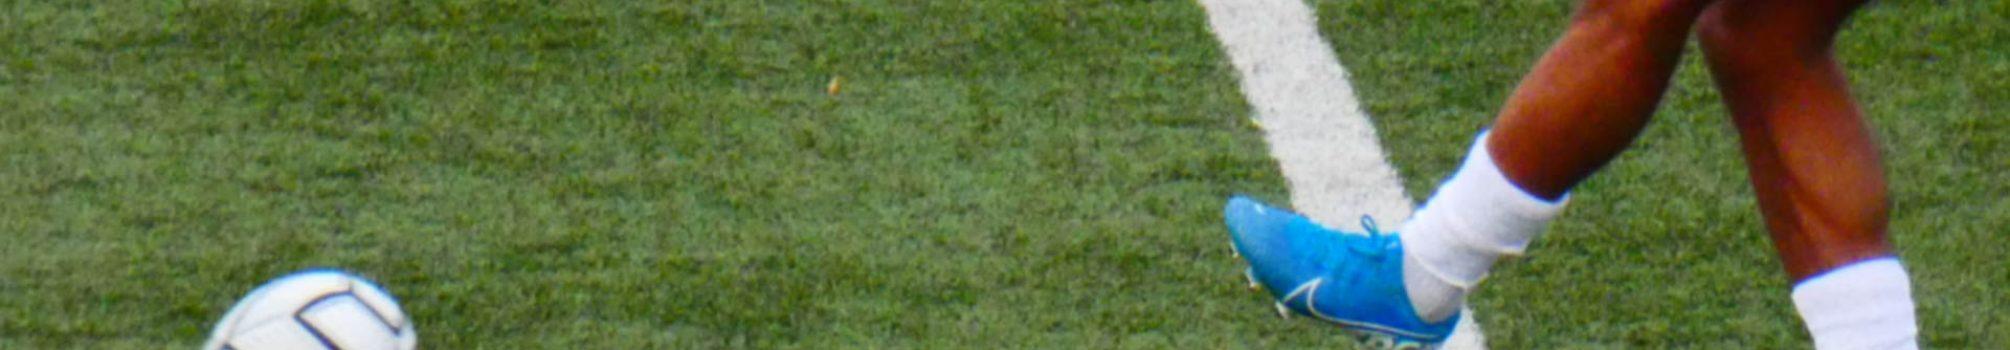 general-away-kickoff